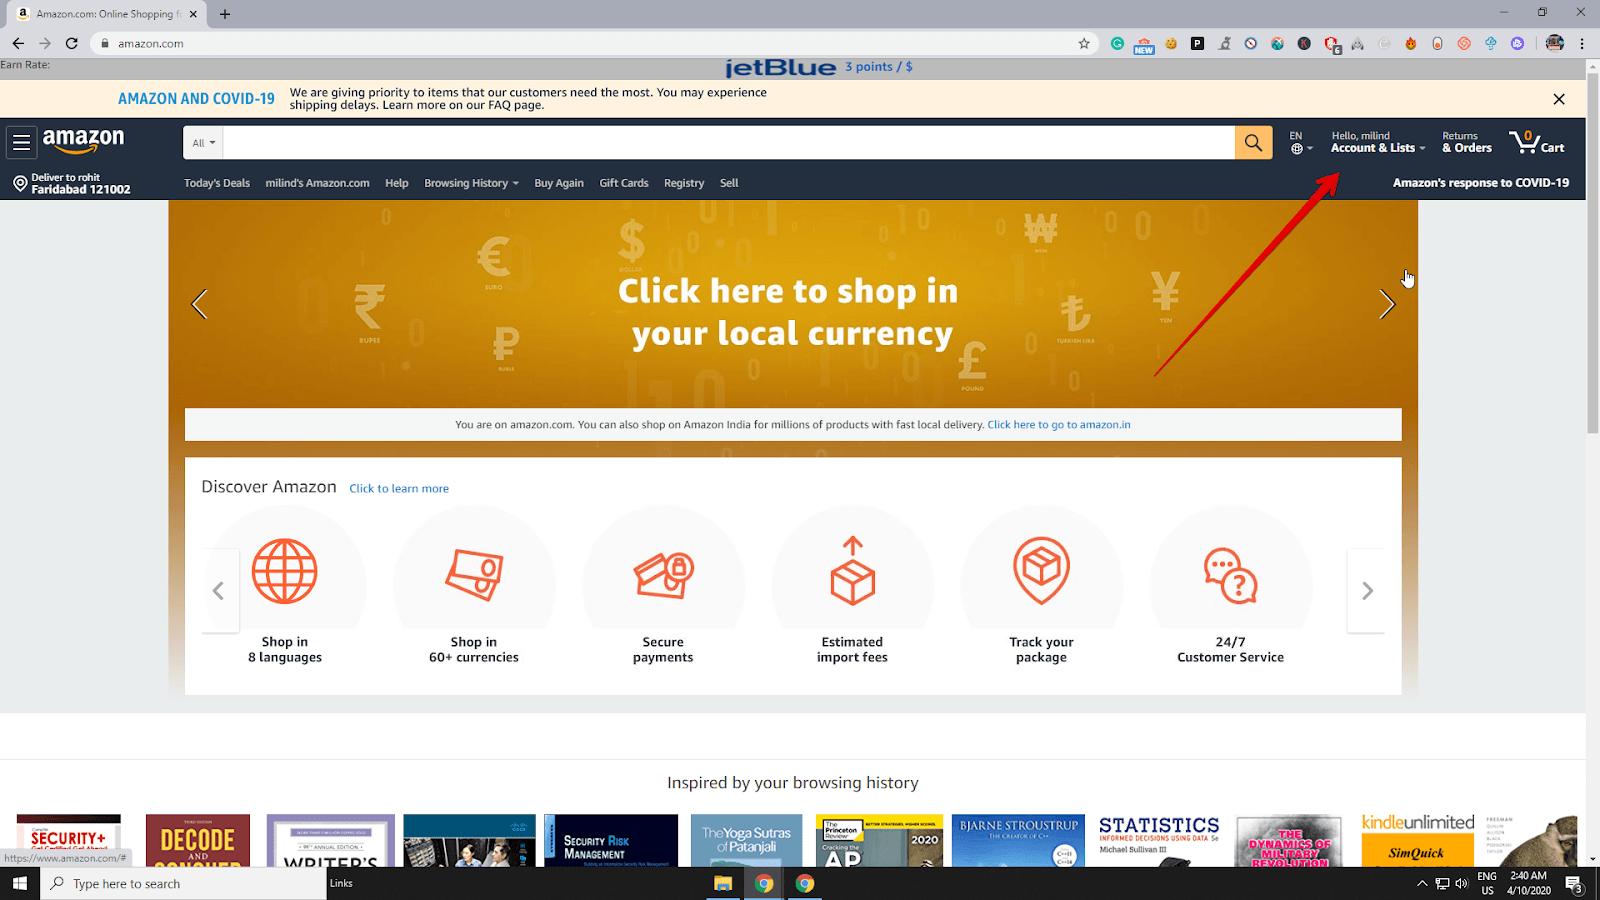 Tài khoản và danh sách Amazon